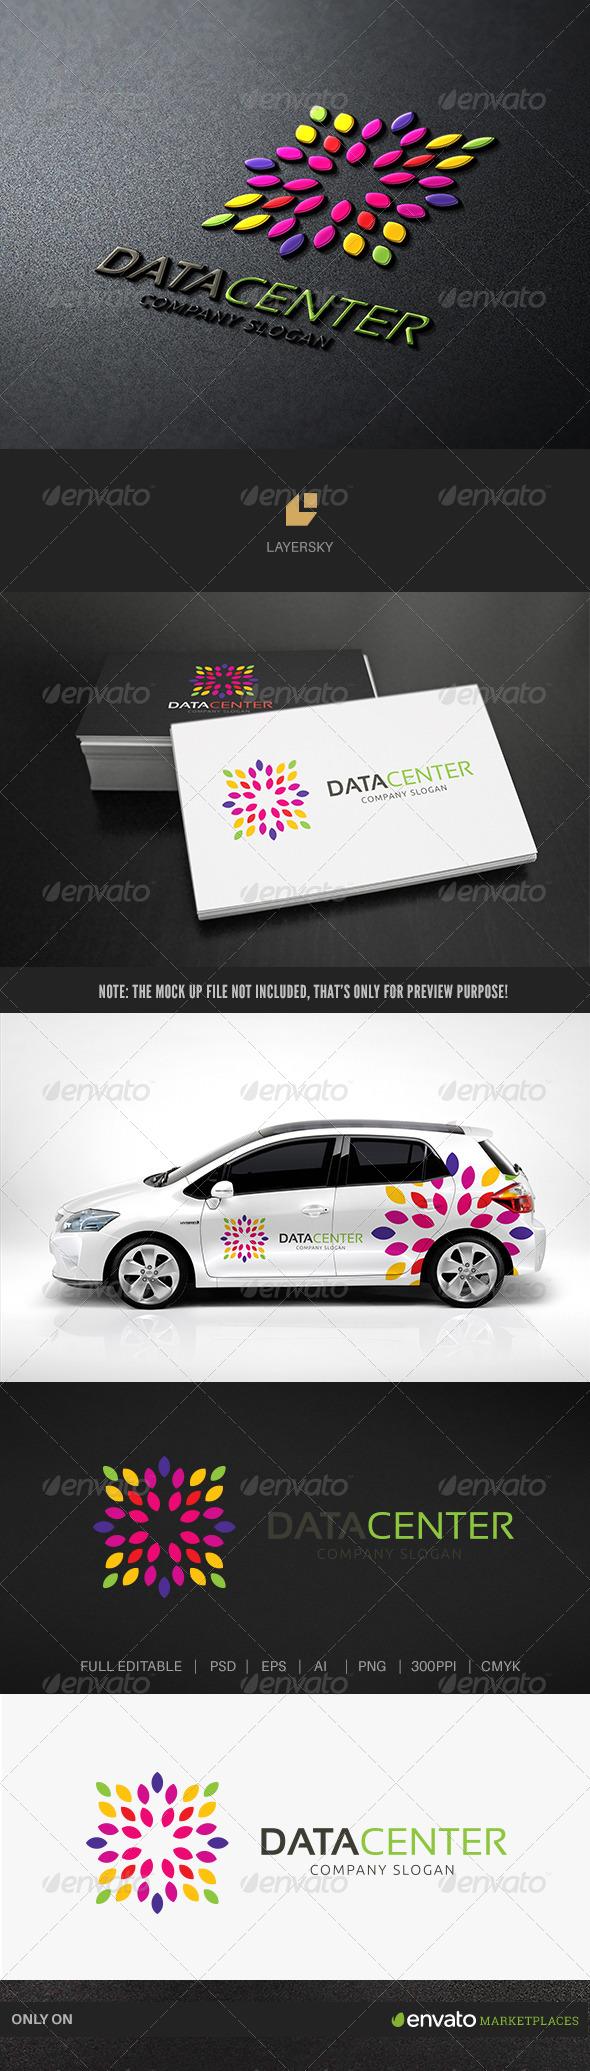 GraphicRiver Data Center II 7686106